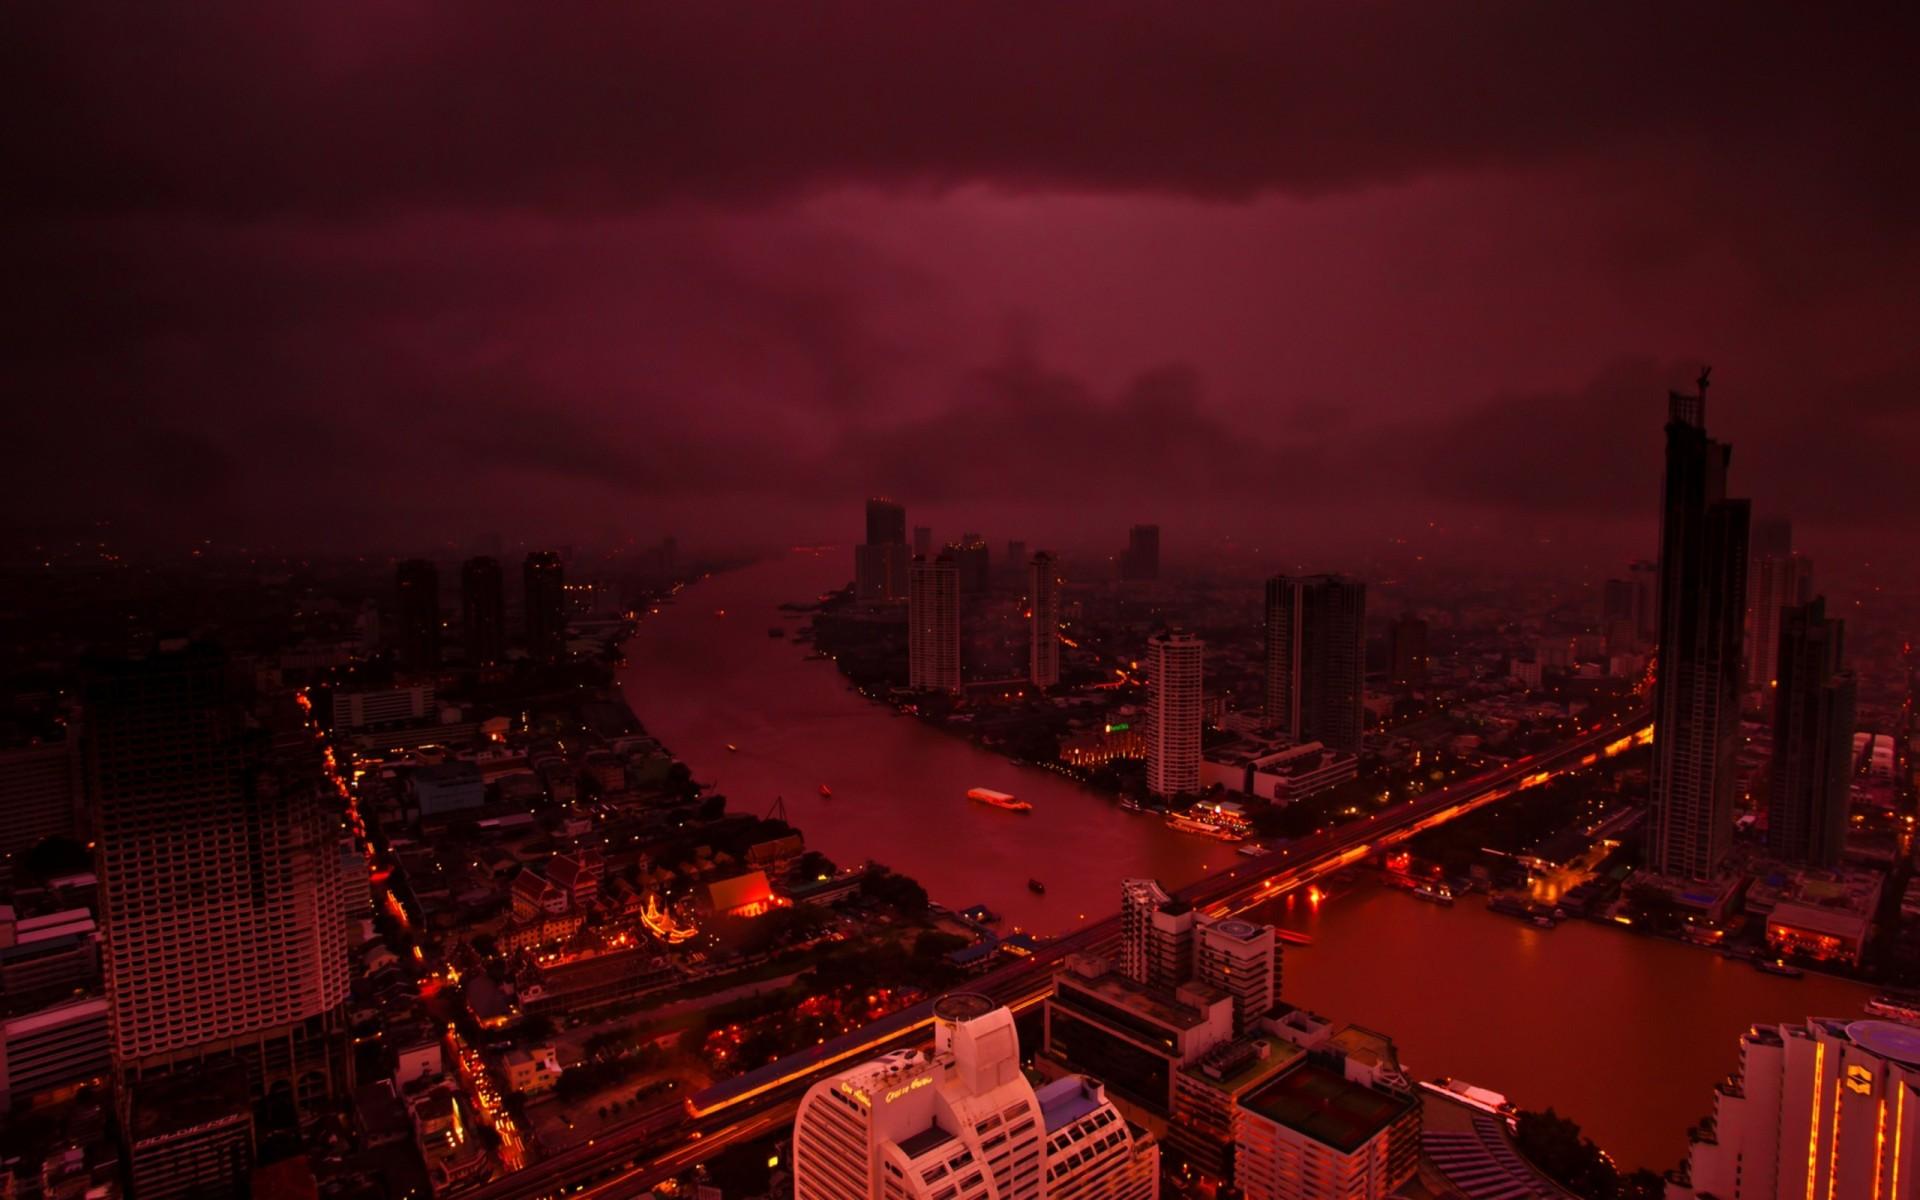 картинки города красные сильвестр сталлоне картинки